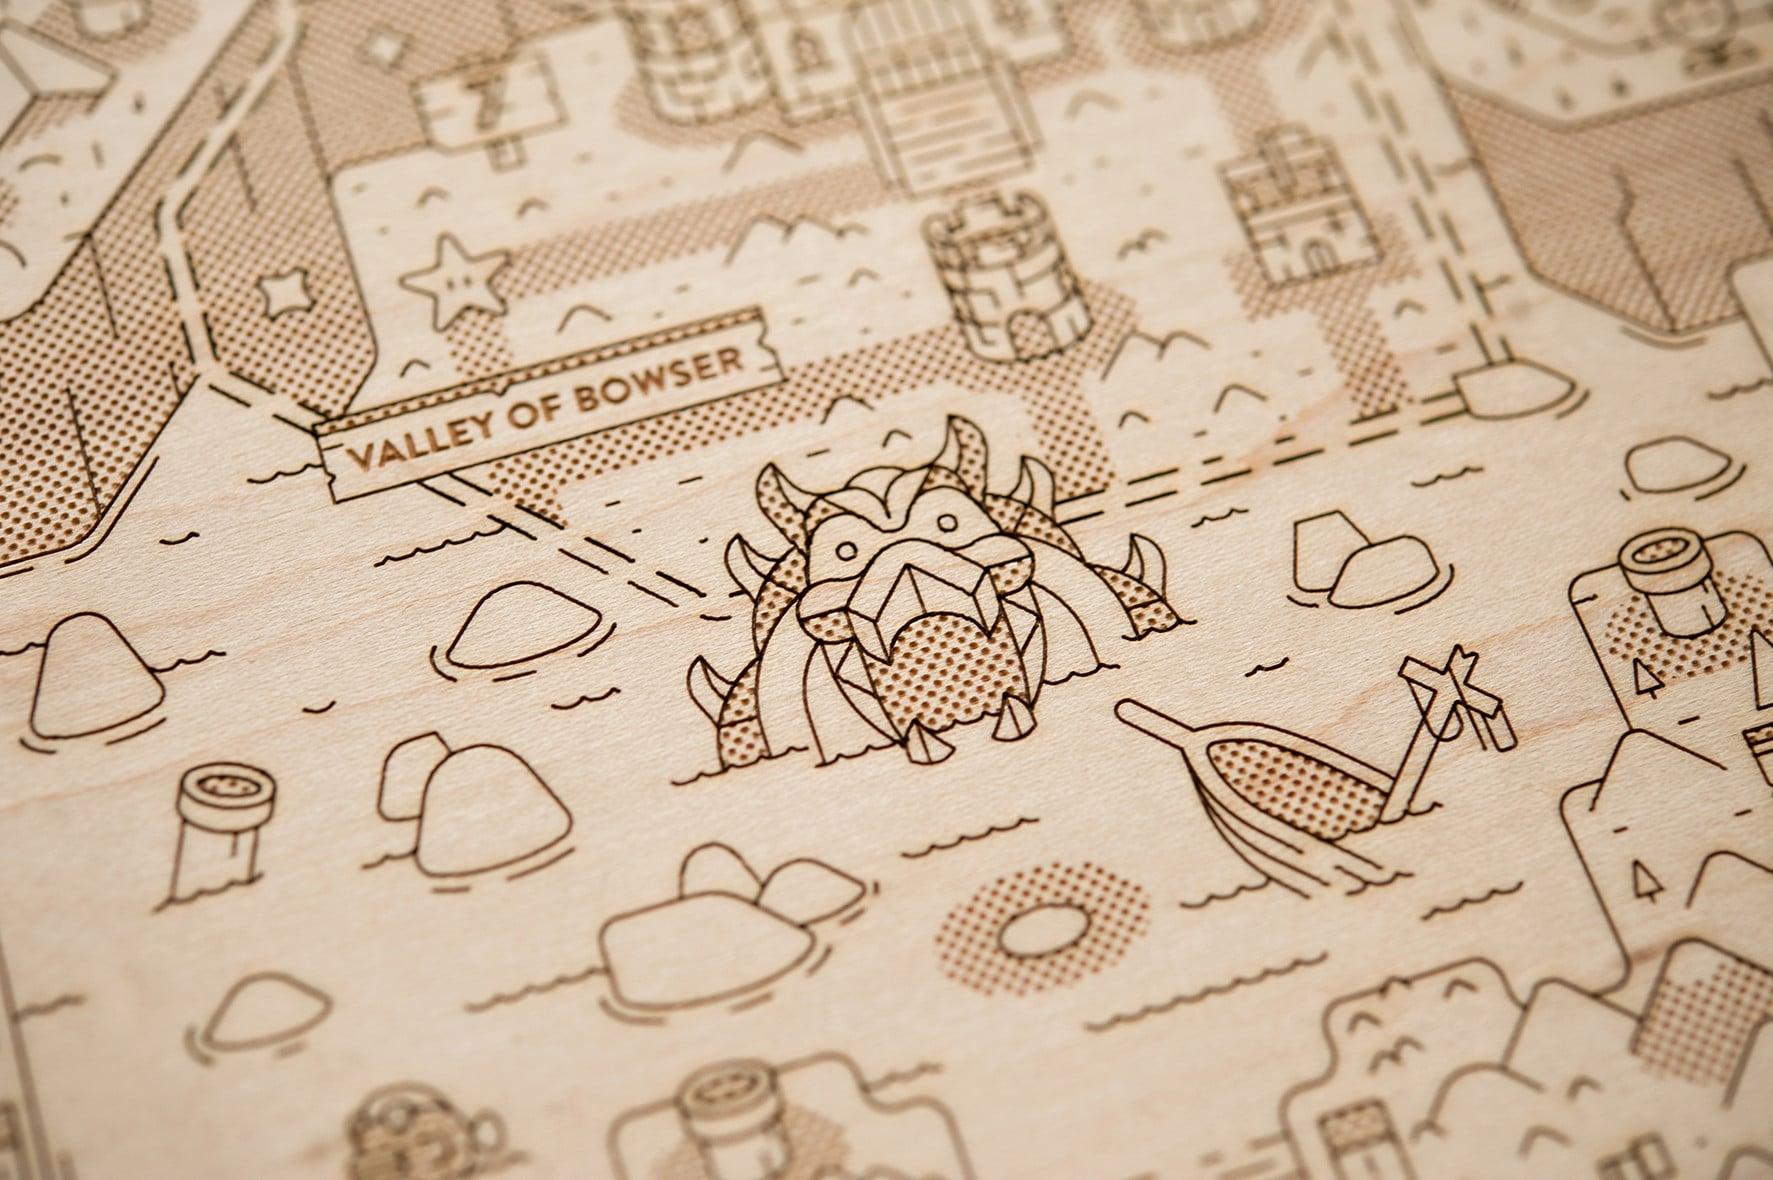 Sieht diese Karte nicht schön aus? (Foto: Alex Griendling)